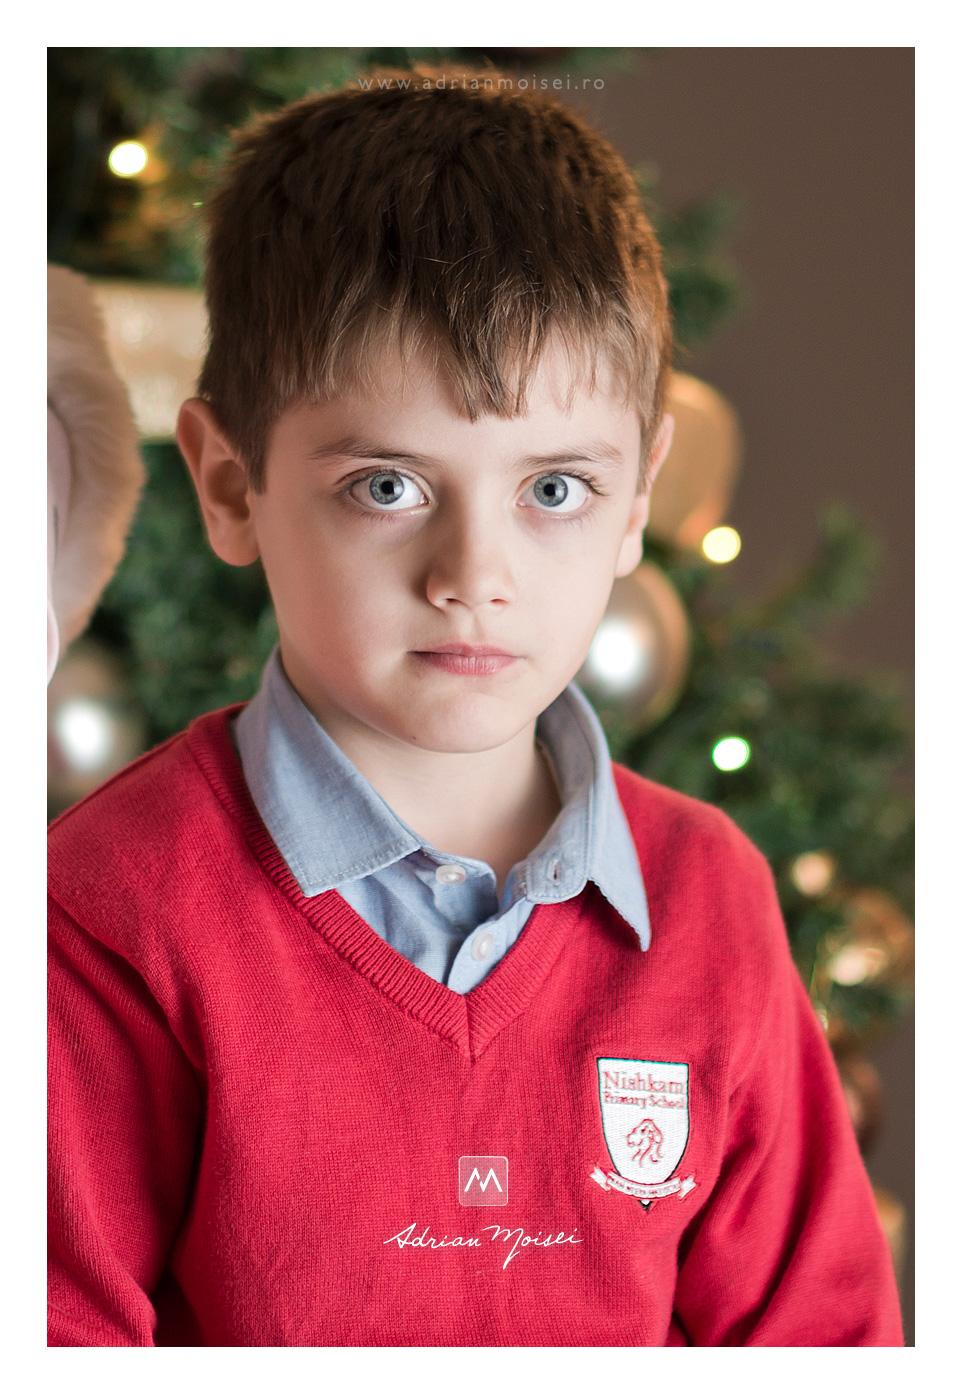 Portret de copilas la bradut - sedinta foto de Crăciun de Adrian Moisei fotograf Iași, fotograf de familie Iași